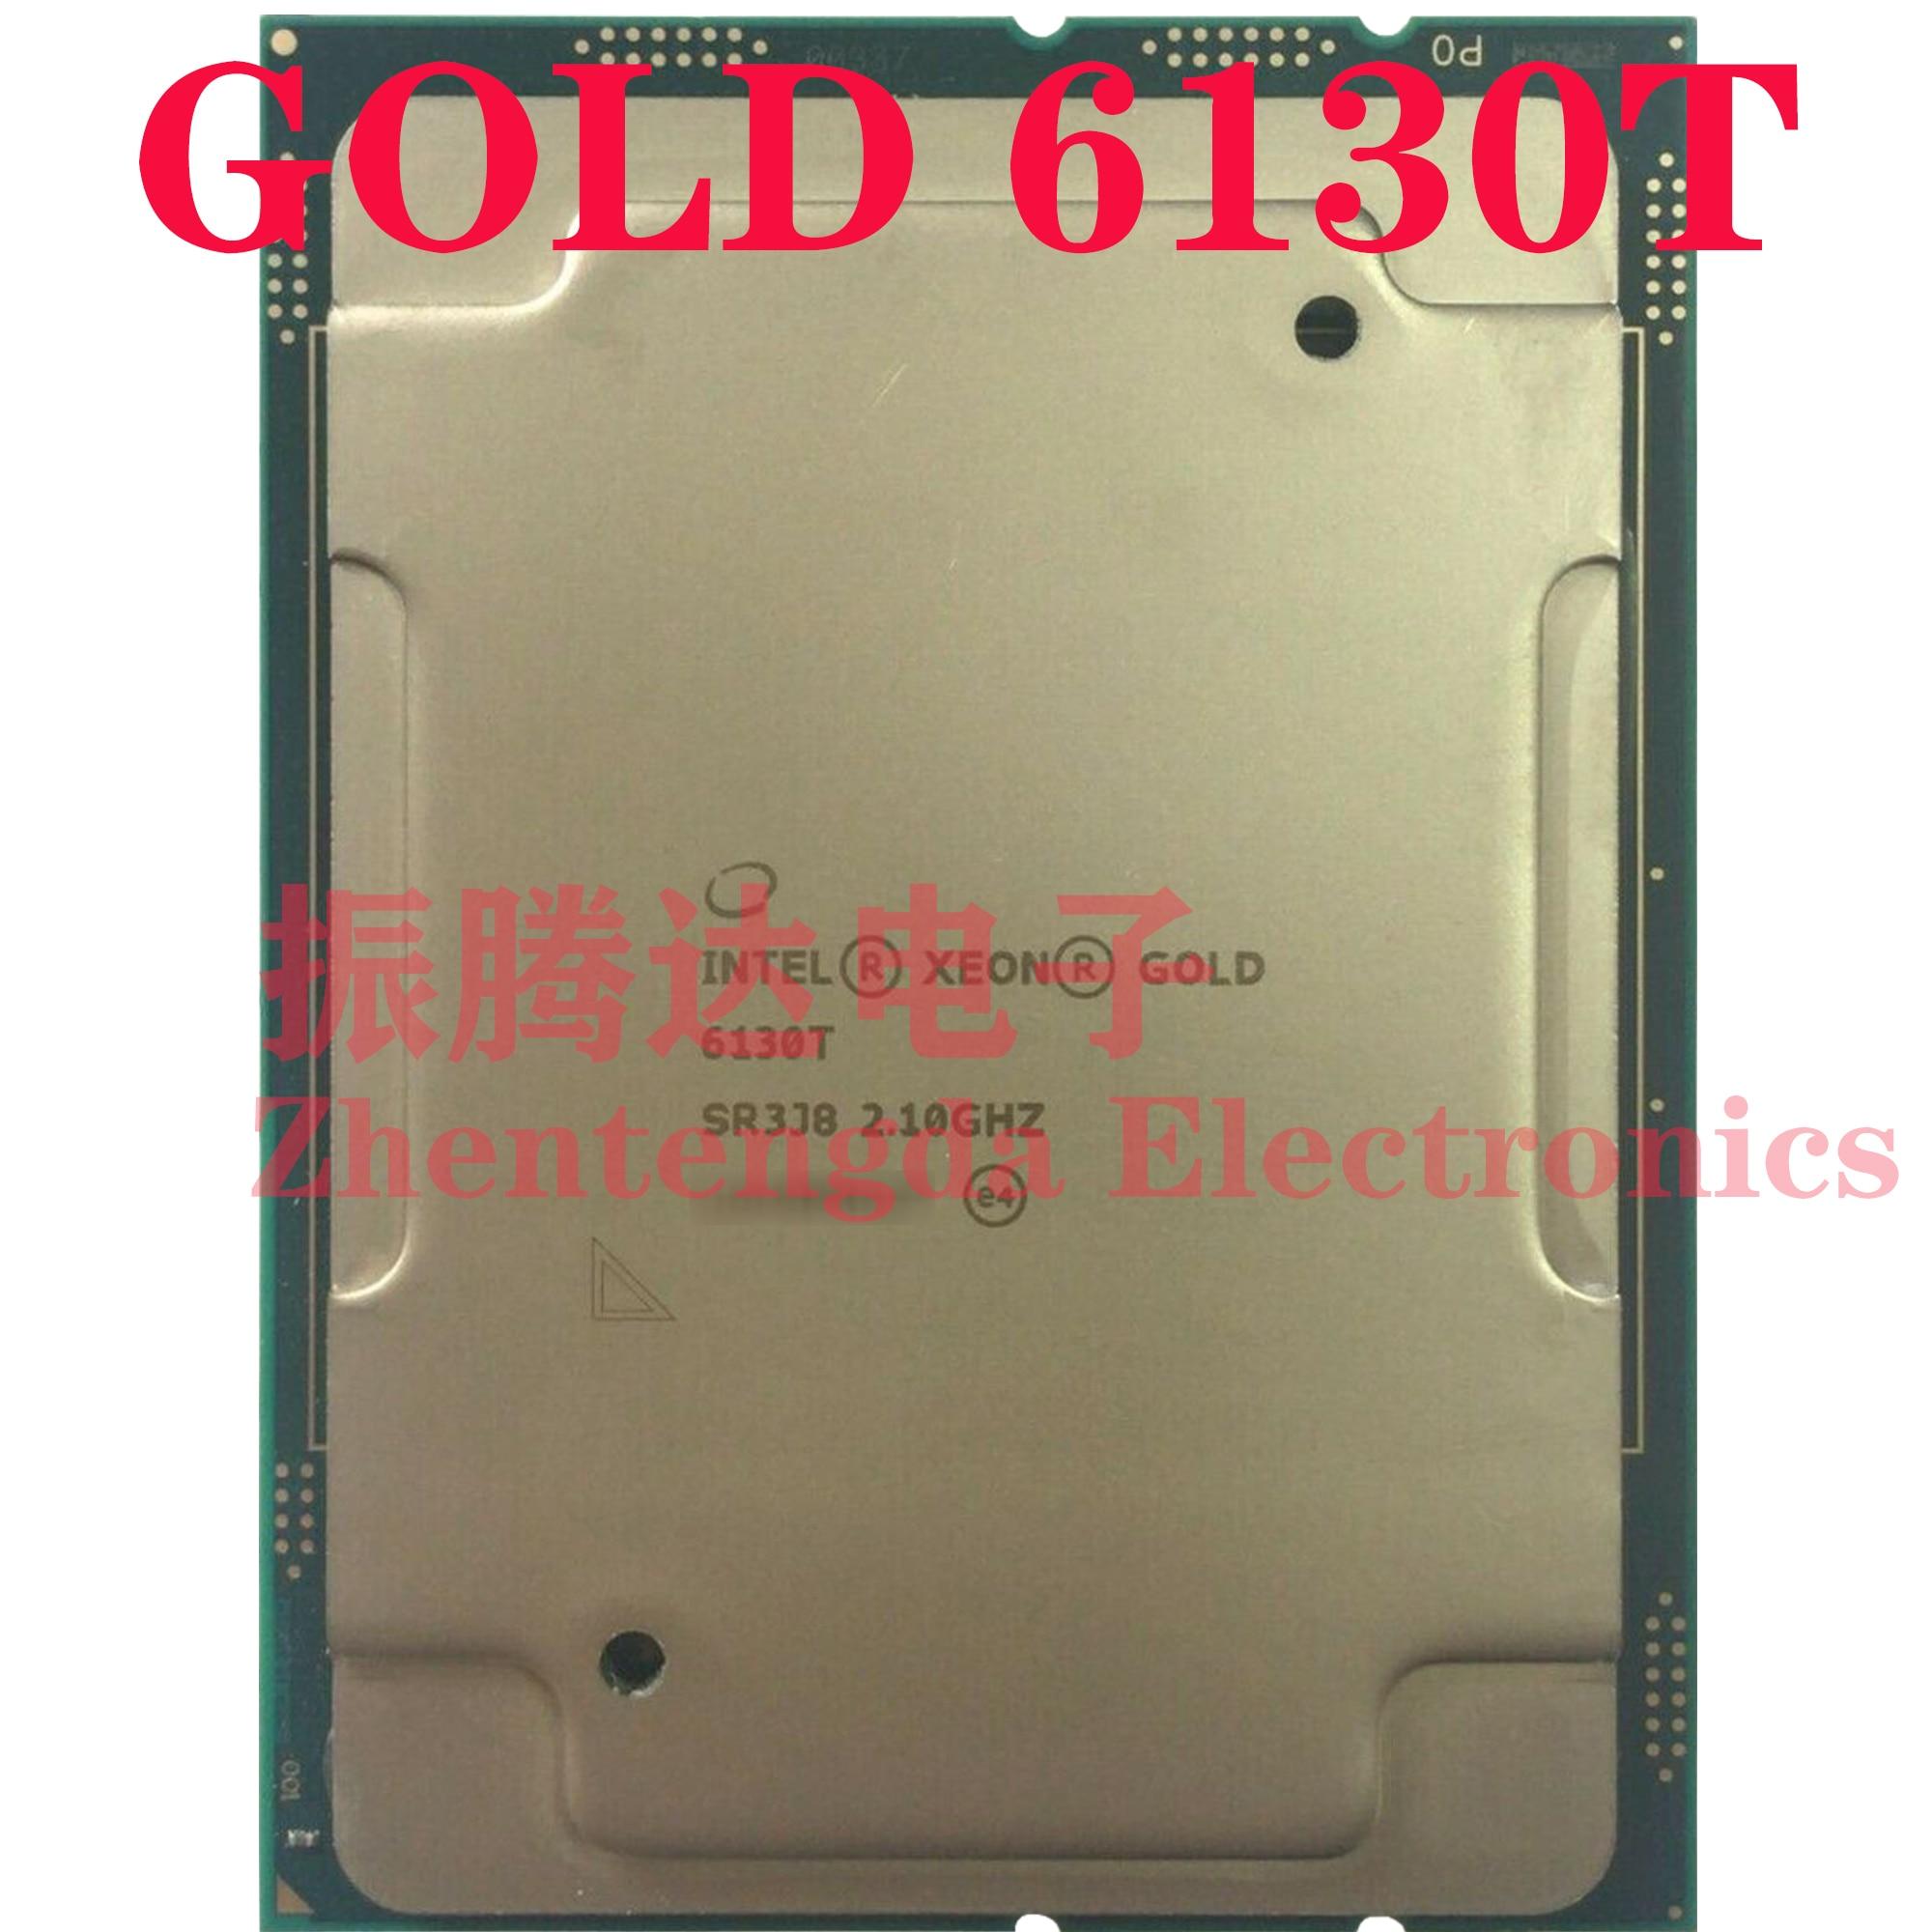 Intel Xeon Gold 6130T CPU 2.1GHz L3-22MB 16 Core 32 Threads LGA-3647 Gold 6130T CPU Processor